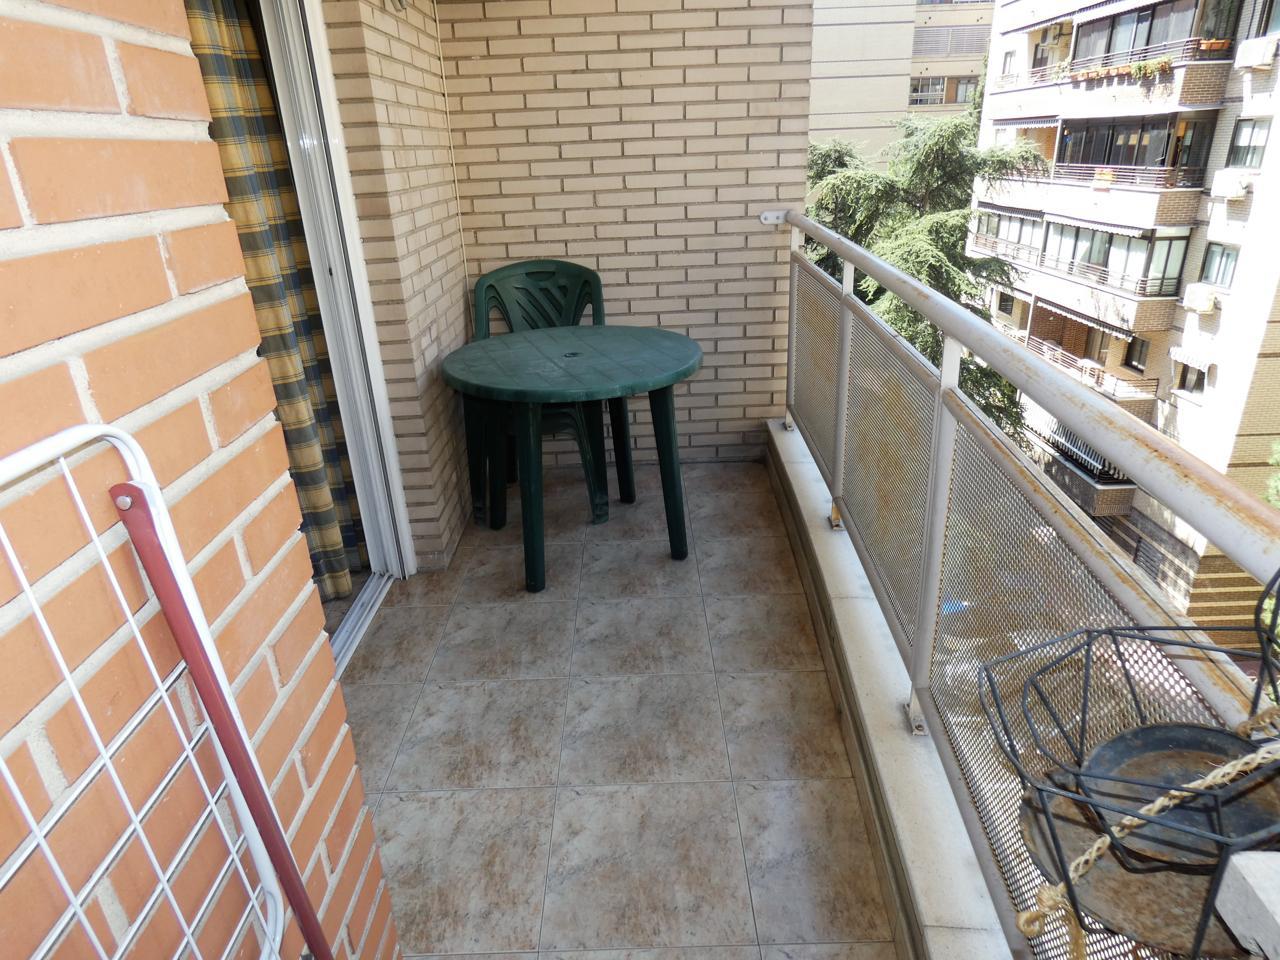 Fm gestiona piso en venta en valdemoro de 90 m2 - Pisos en venta en valdemoro particulares ...